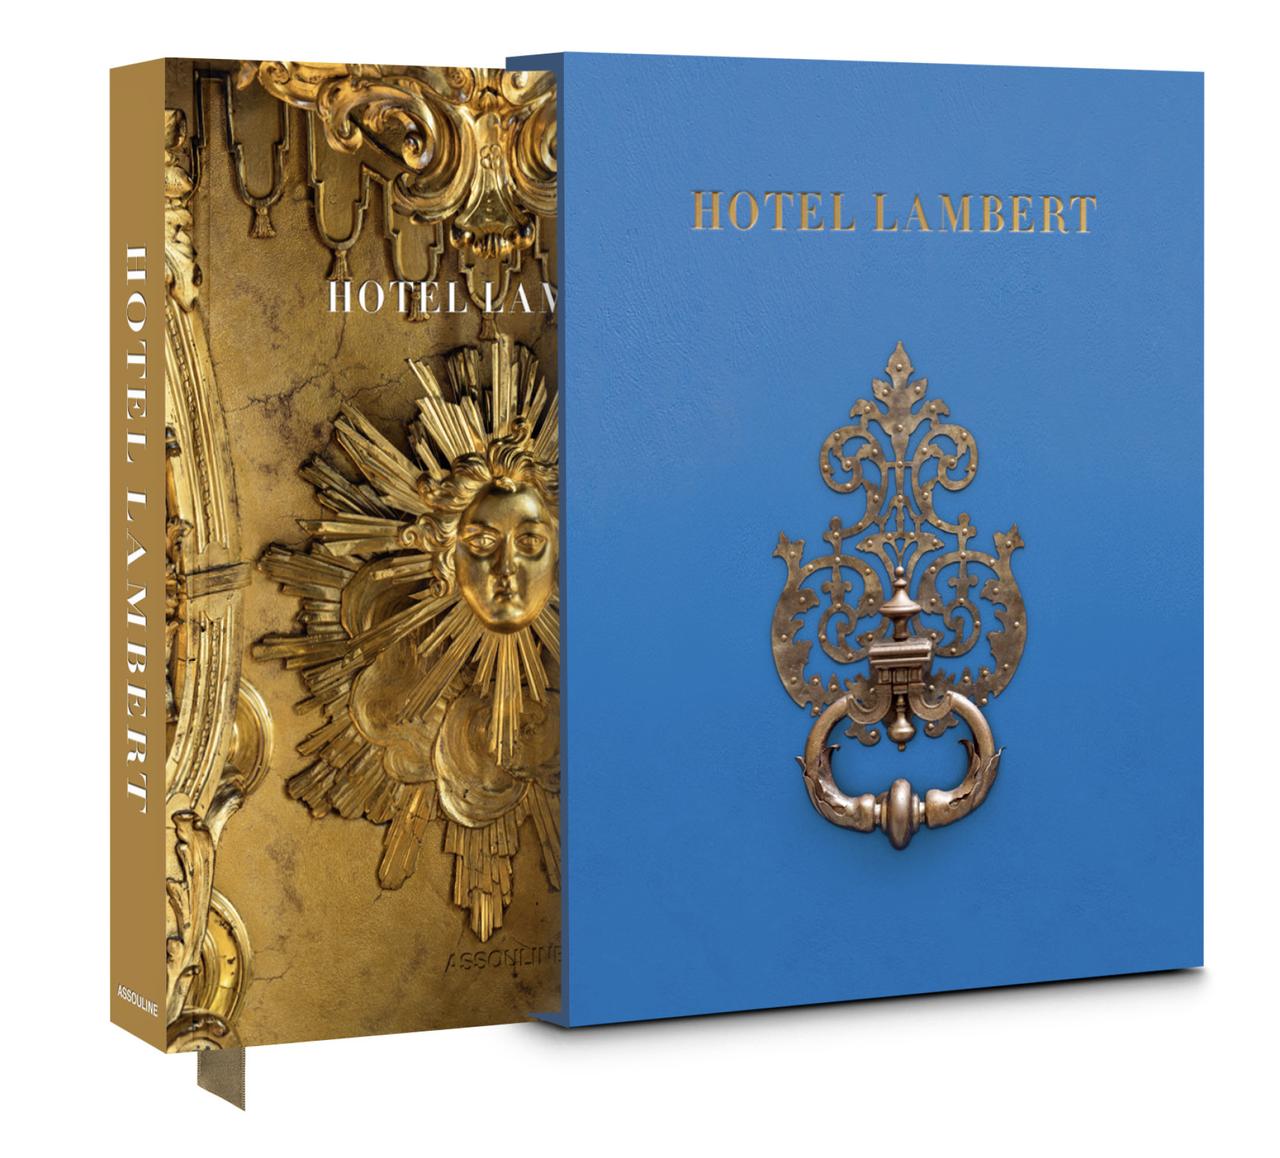 hotel lambert 3d cover rendering.png